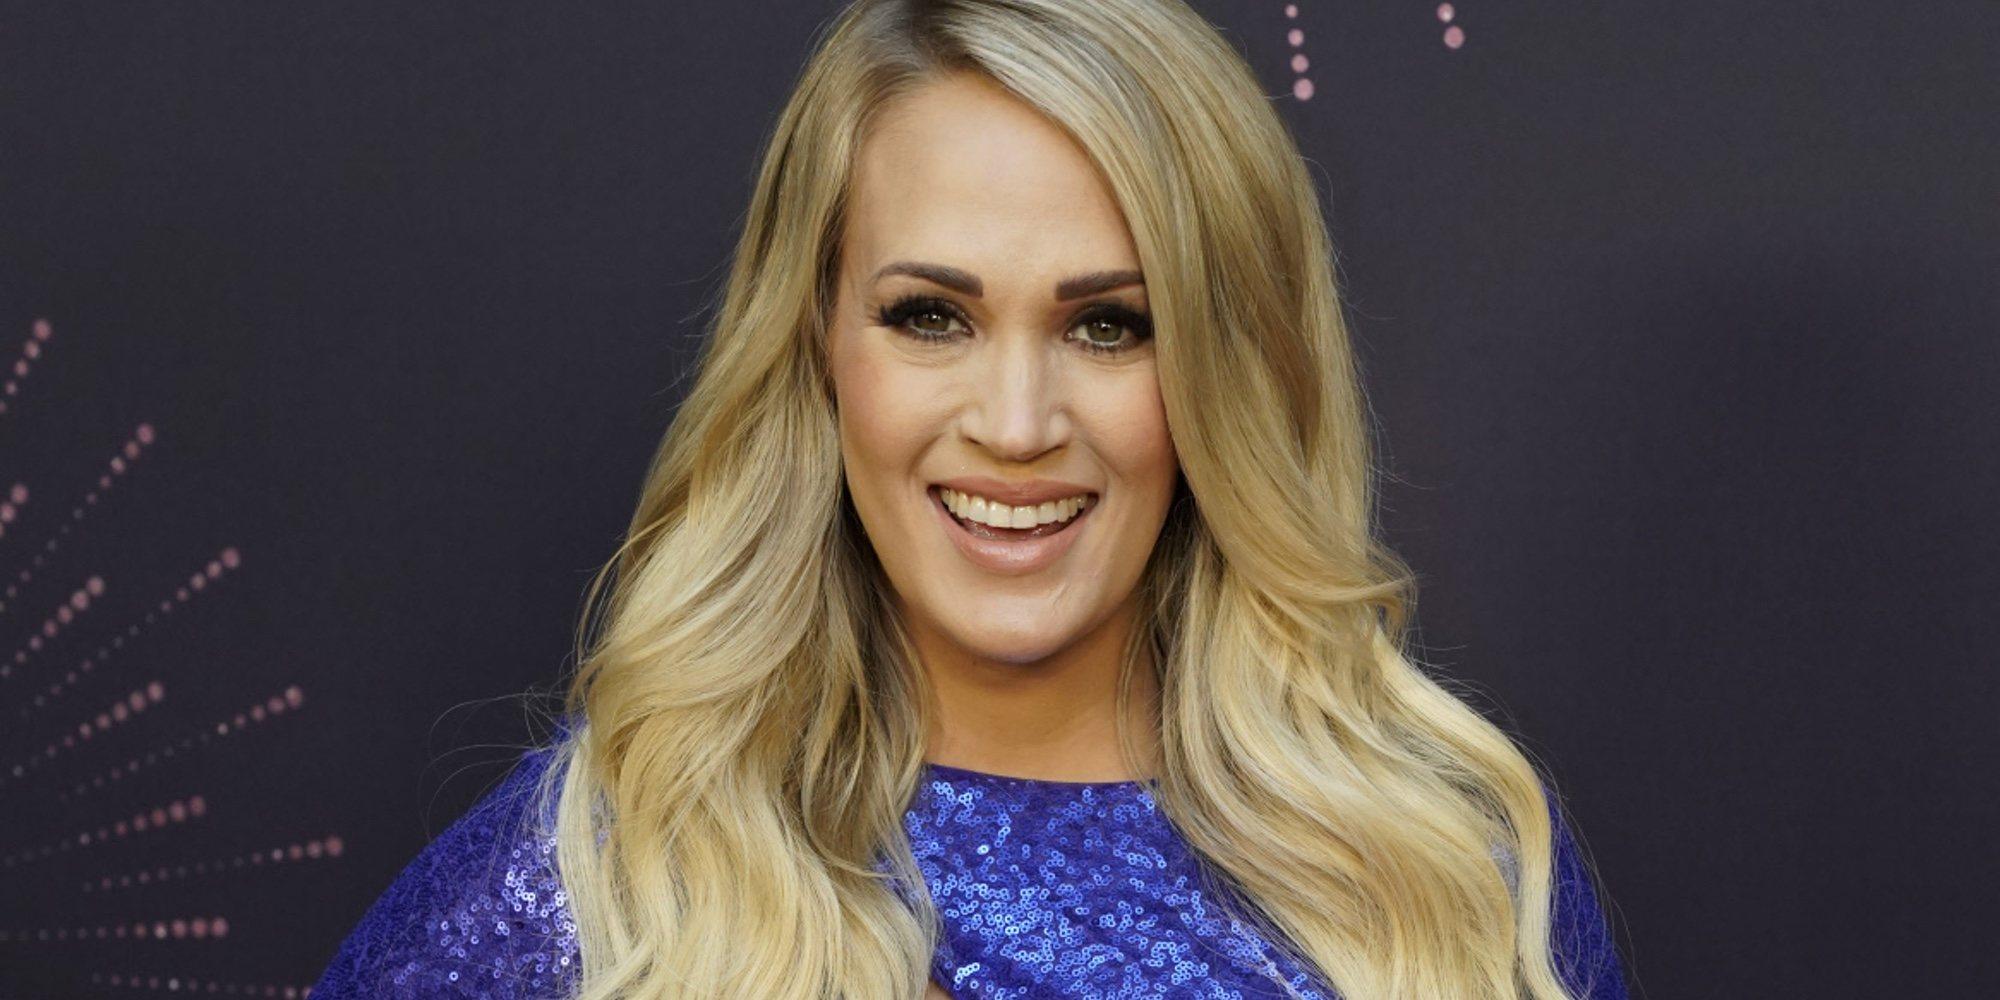 """La reivindación de Carrie Underwood: """"No estás aquí porque seas una mujer, estás porque eres buena"""""""